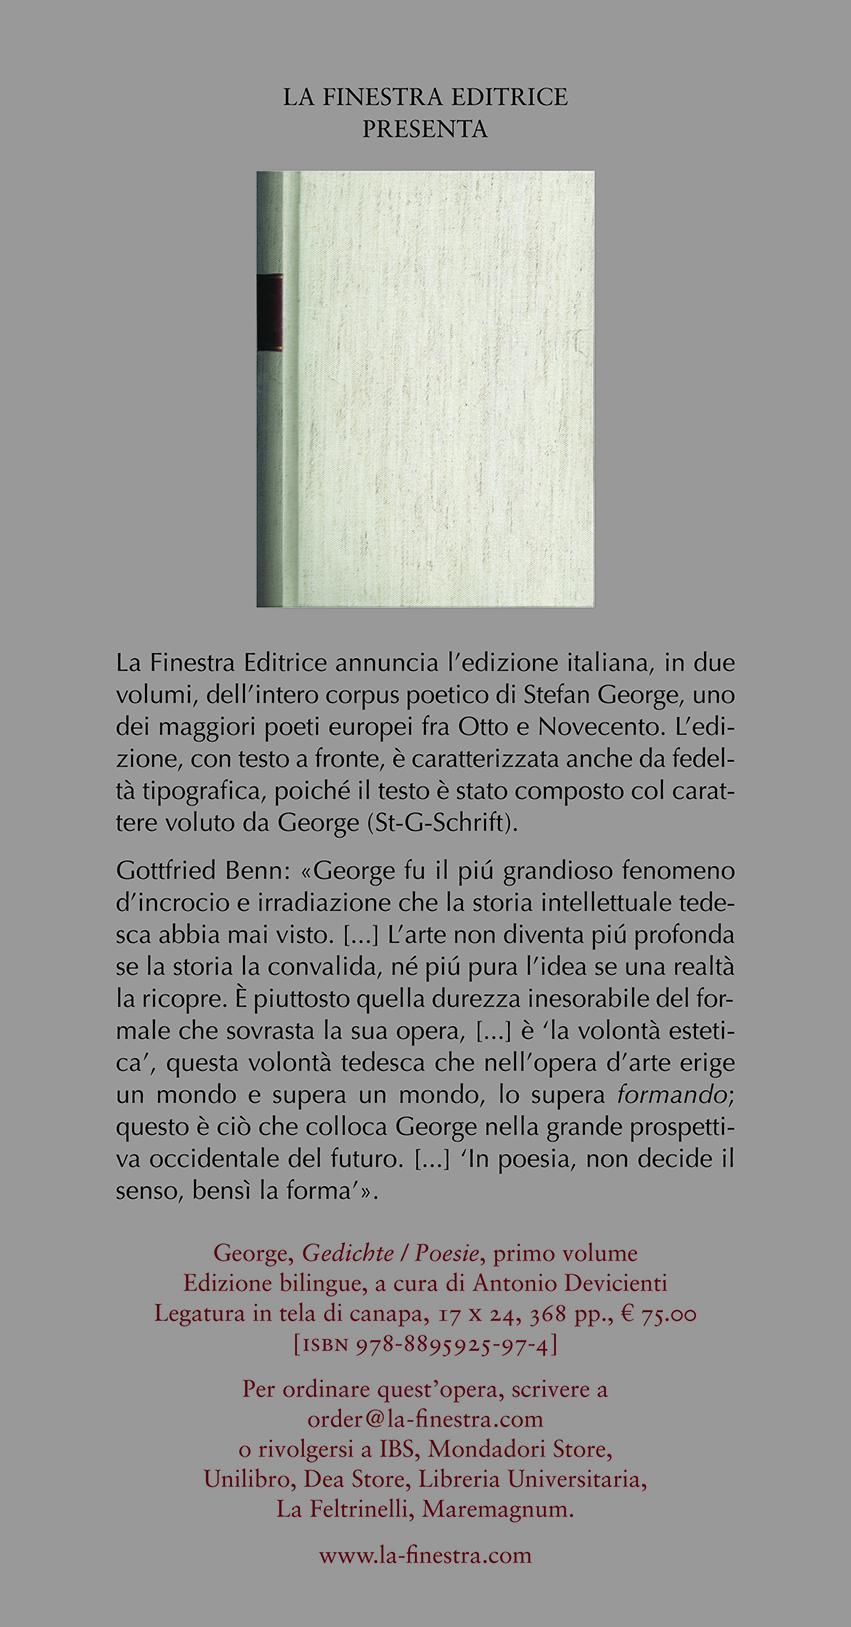 Segnalibri Stefan George Gedichte Poesie Primo Volume